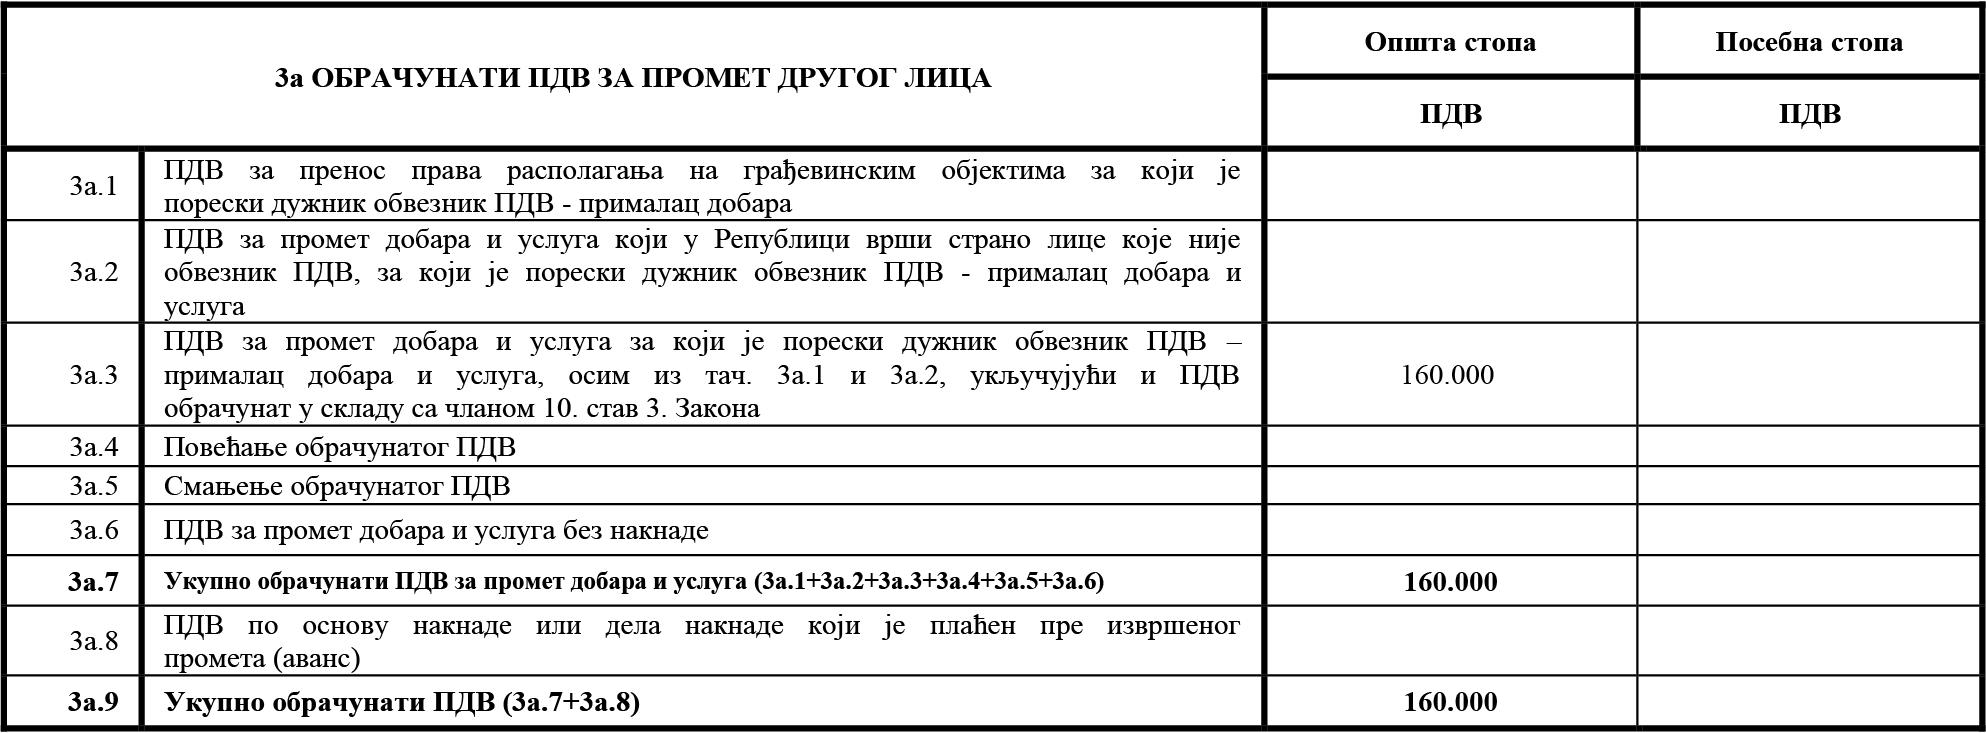 uputstvo PU obrazac POPDV primer 70